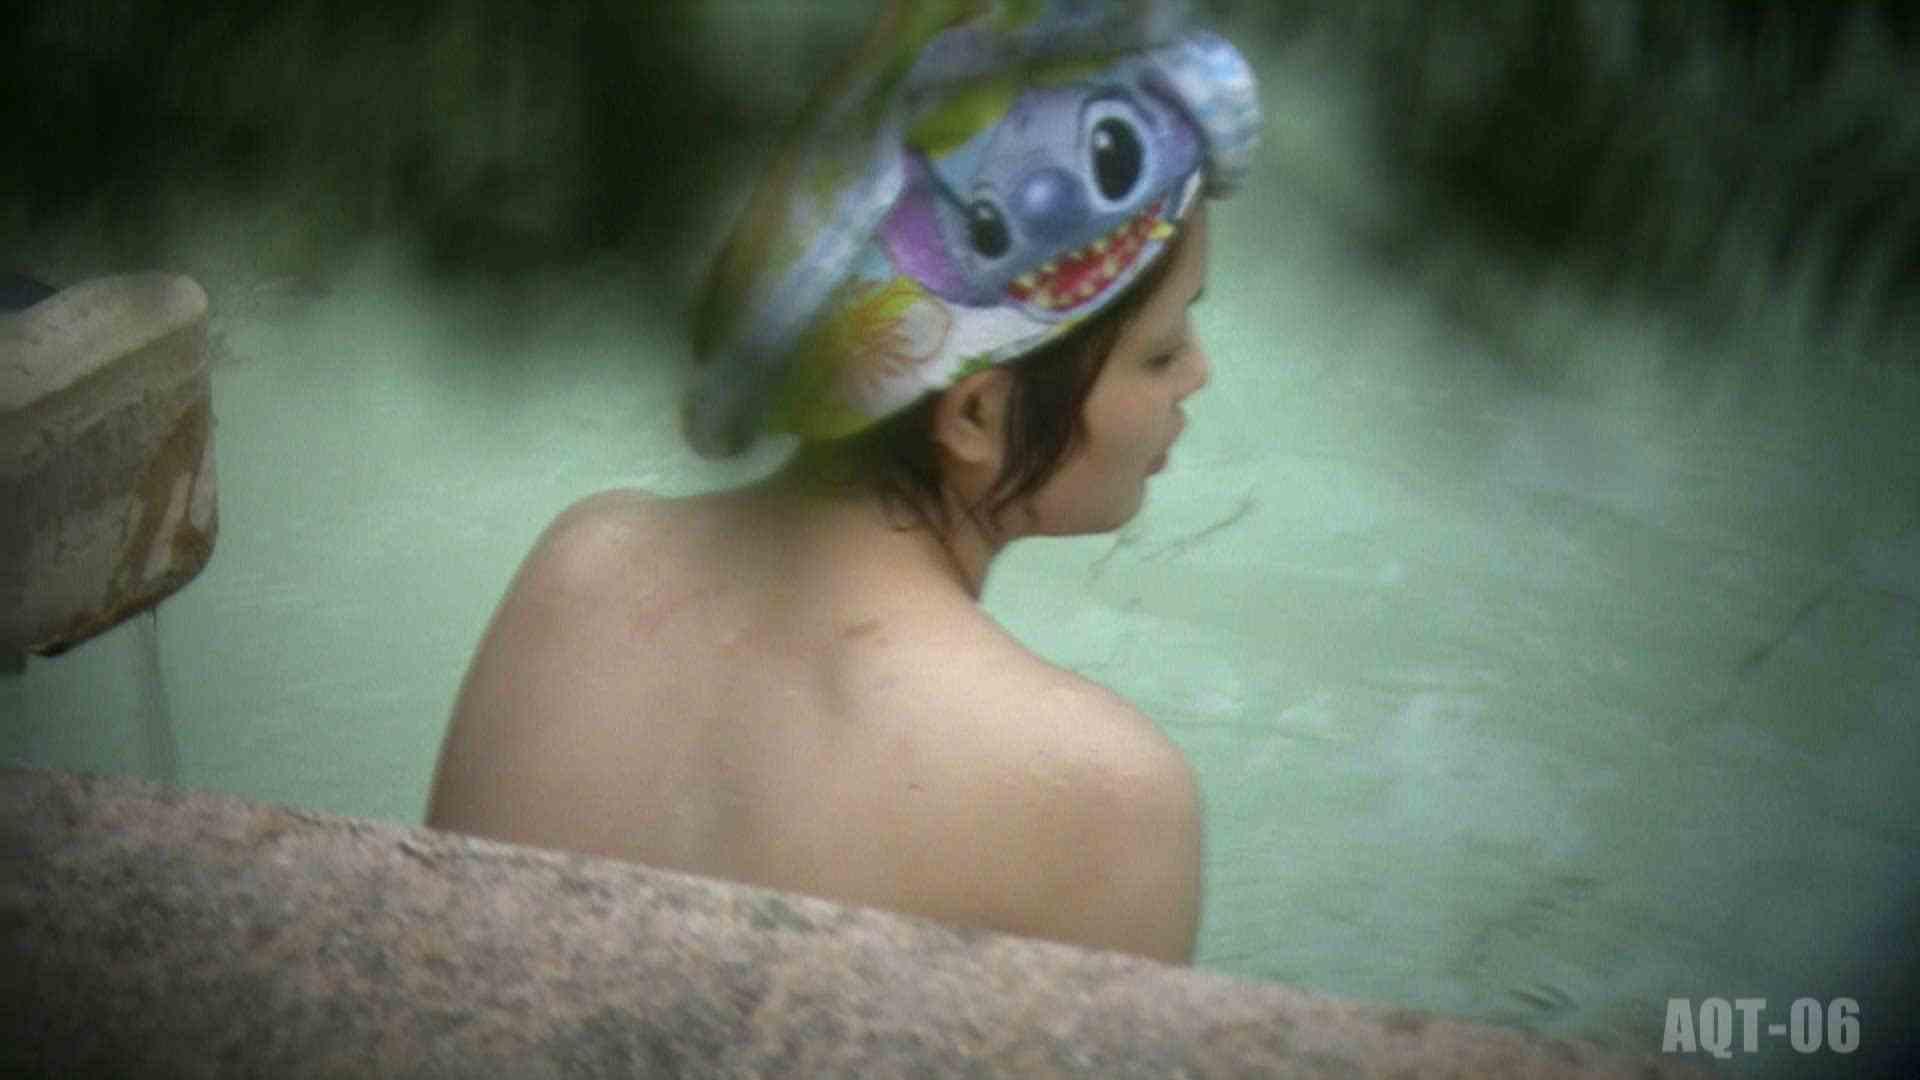 Aquaな露天風呂Vol.761 OLのエロ生活  97連発 93